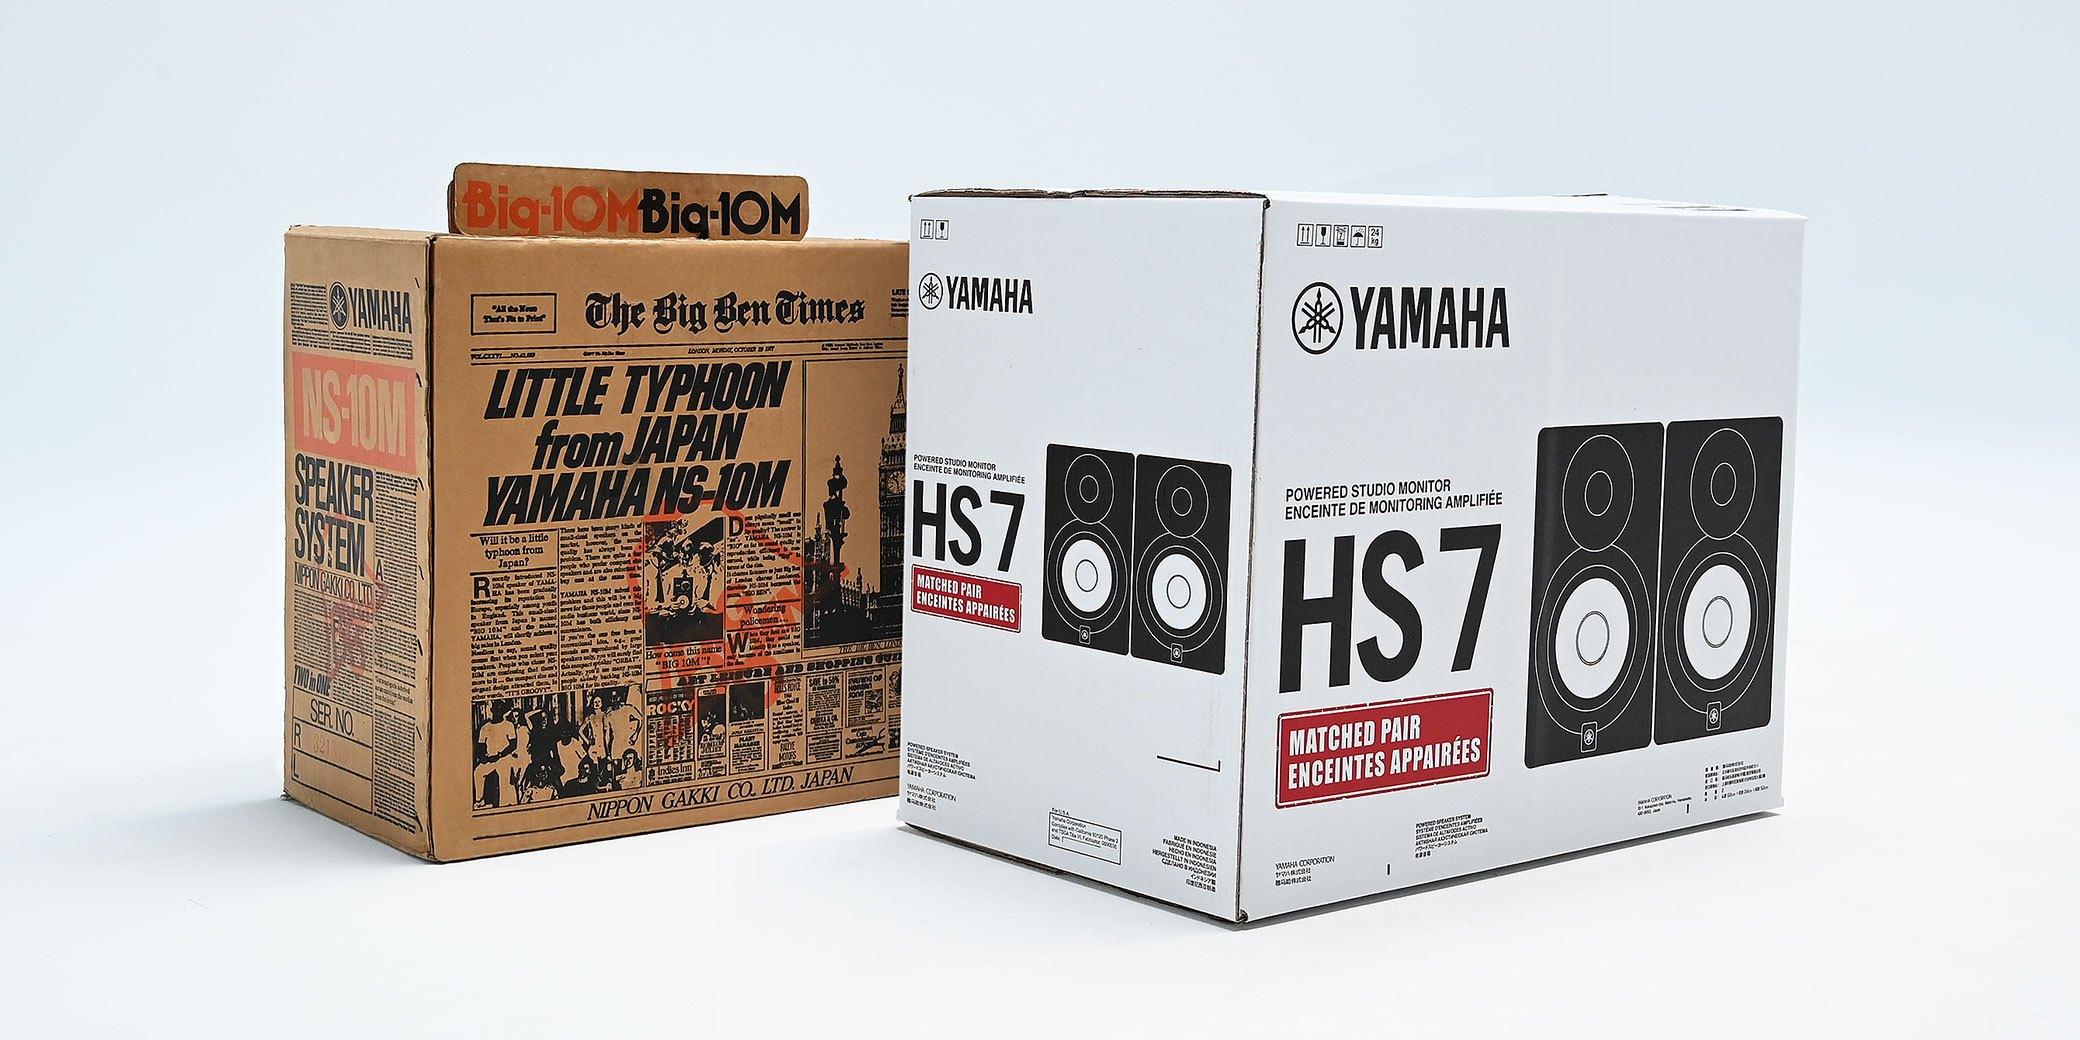 yamaha monitores hs pm box